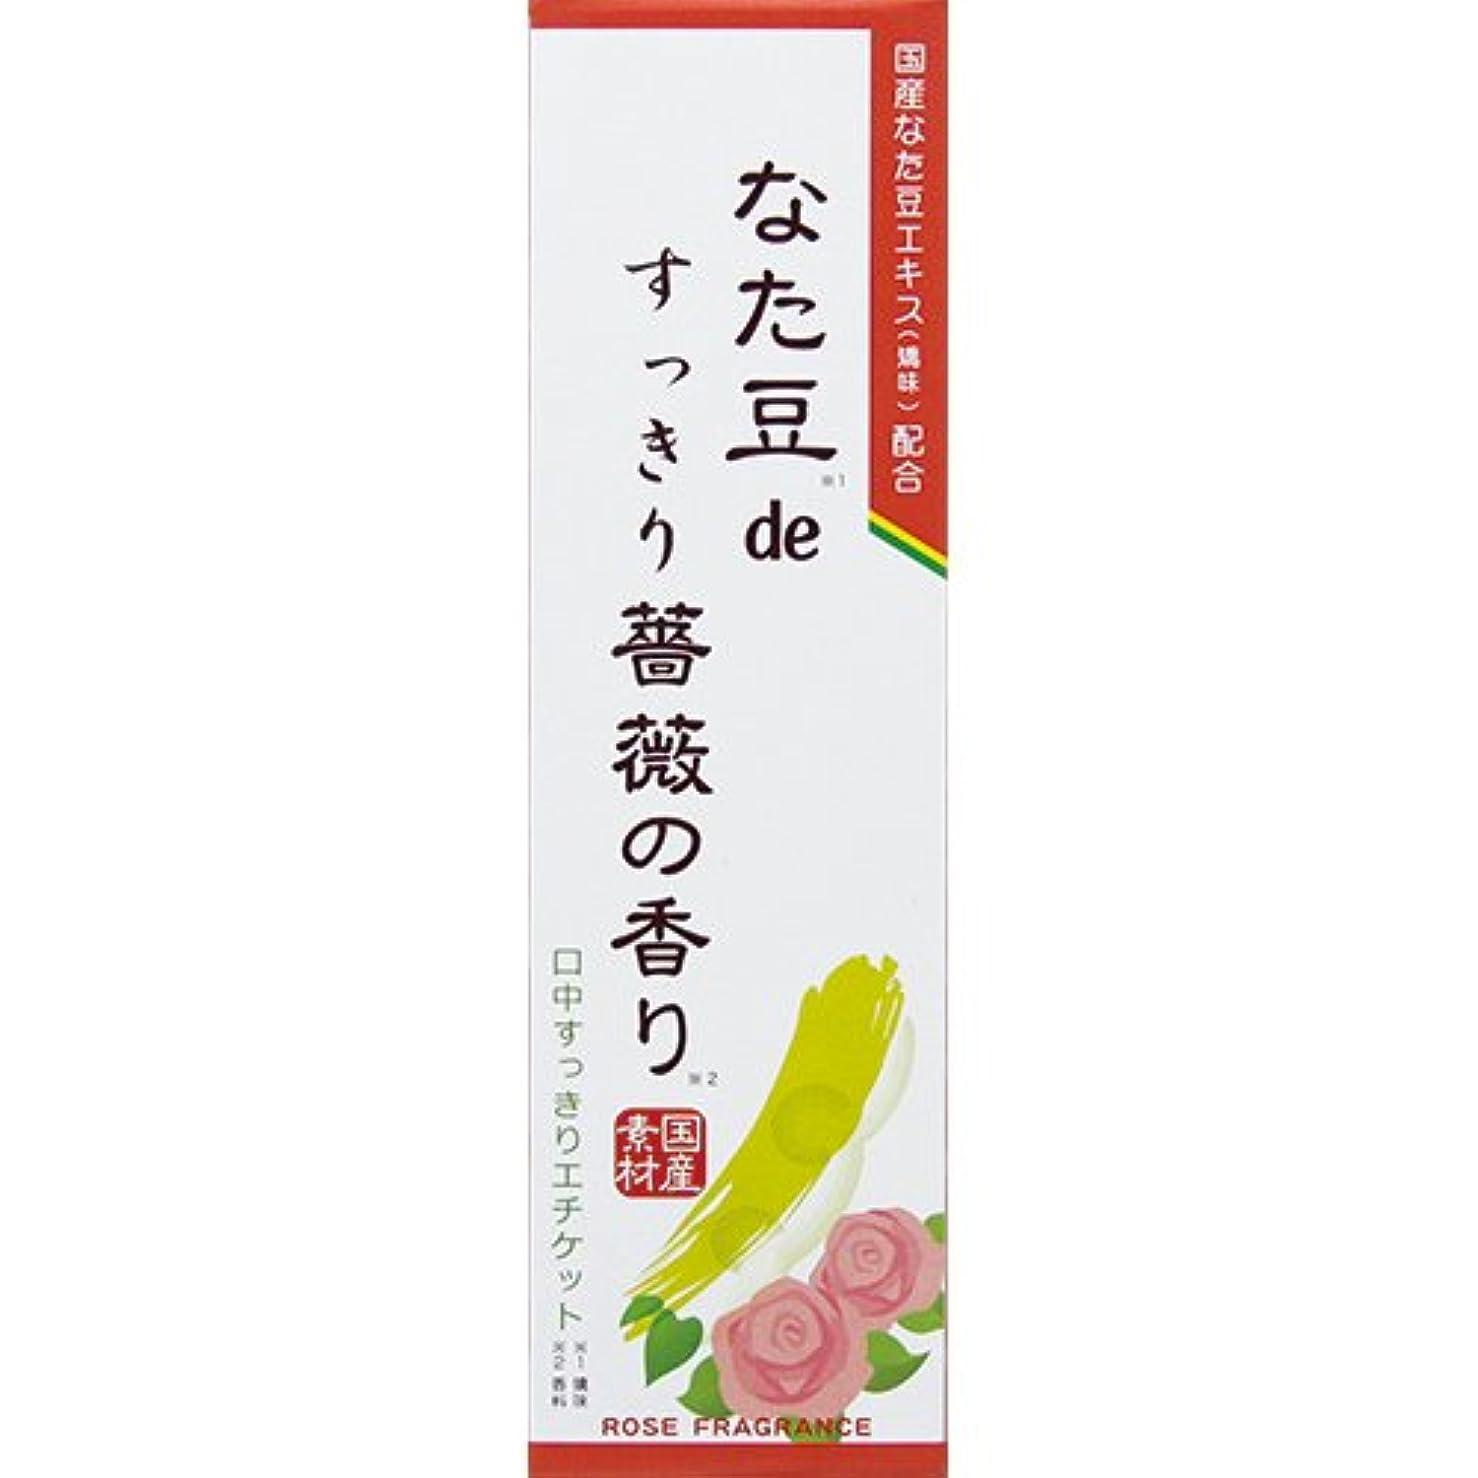 大学院サイクル一流なた豆deすっきり薔薇の香り 120g